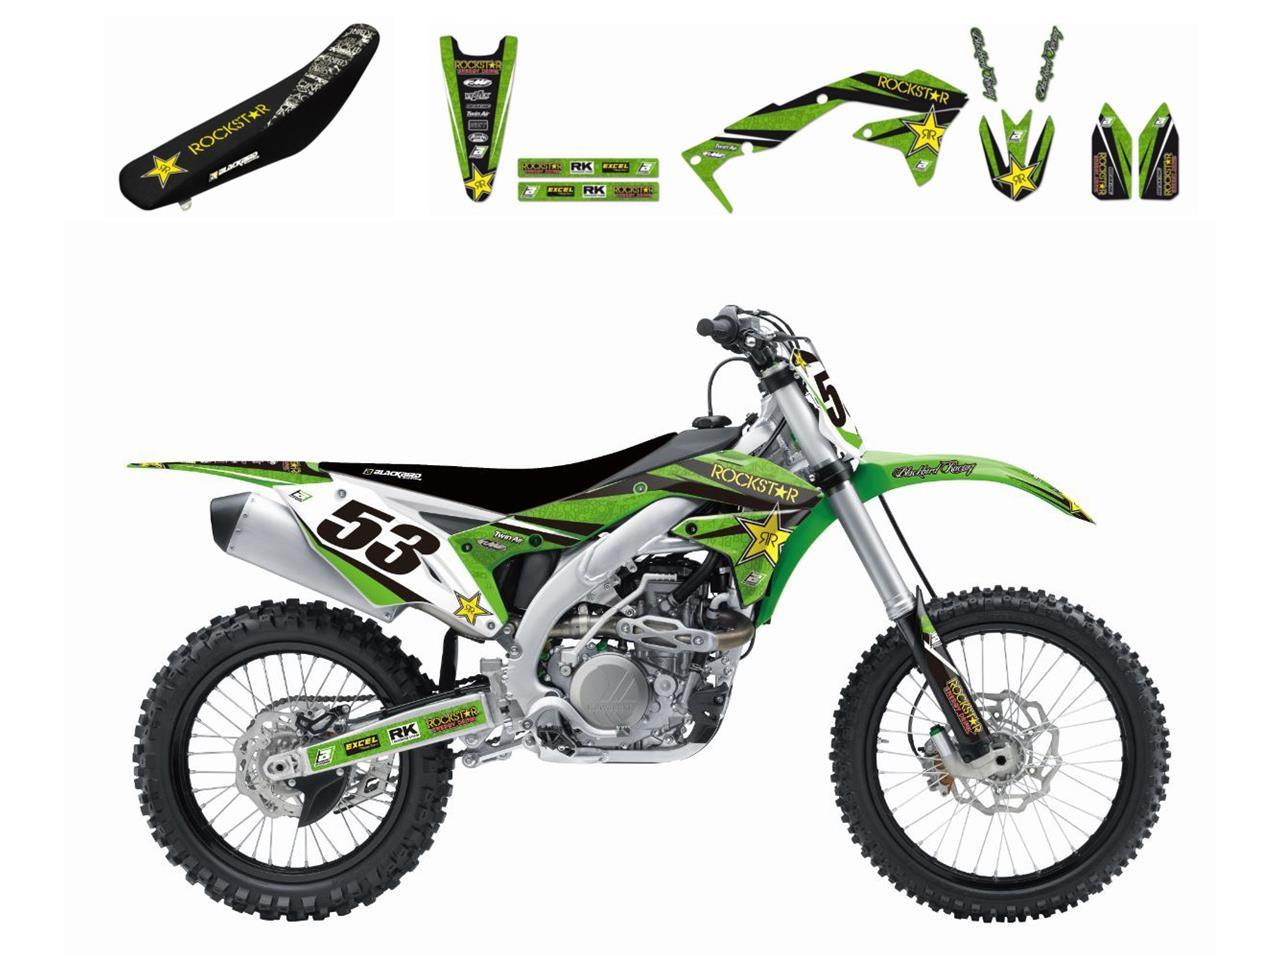 Kit déco + Housse de selle Blackbird Rockstar Energy Kawasaki 450 KX-F